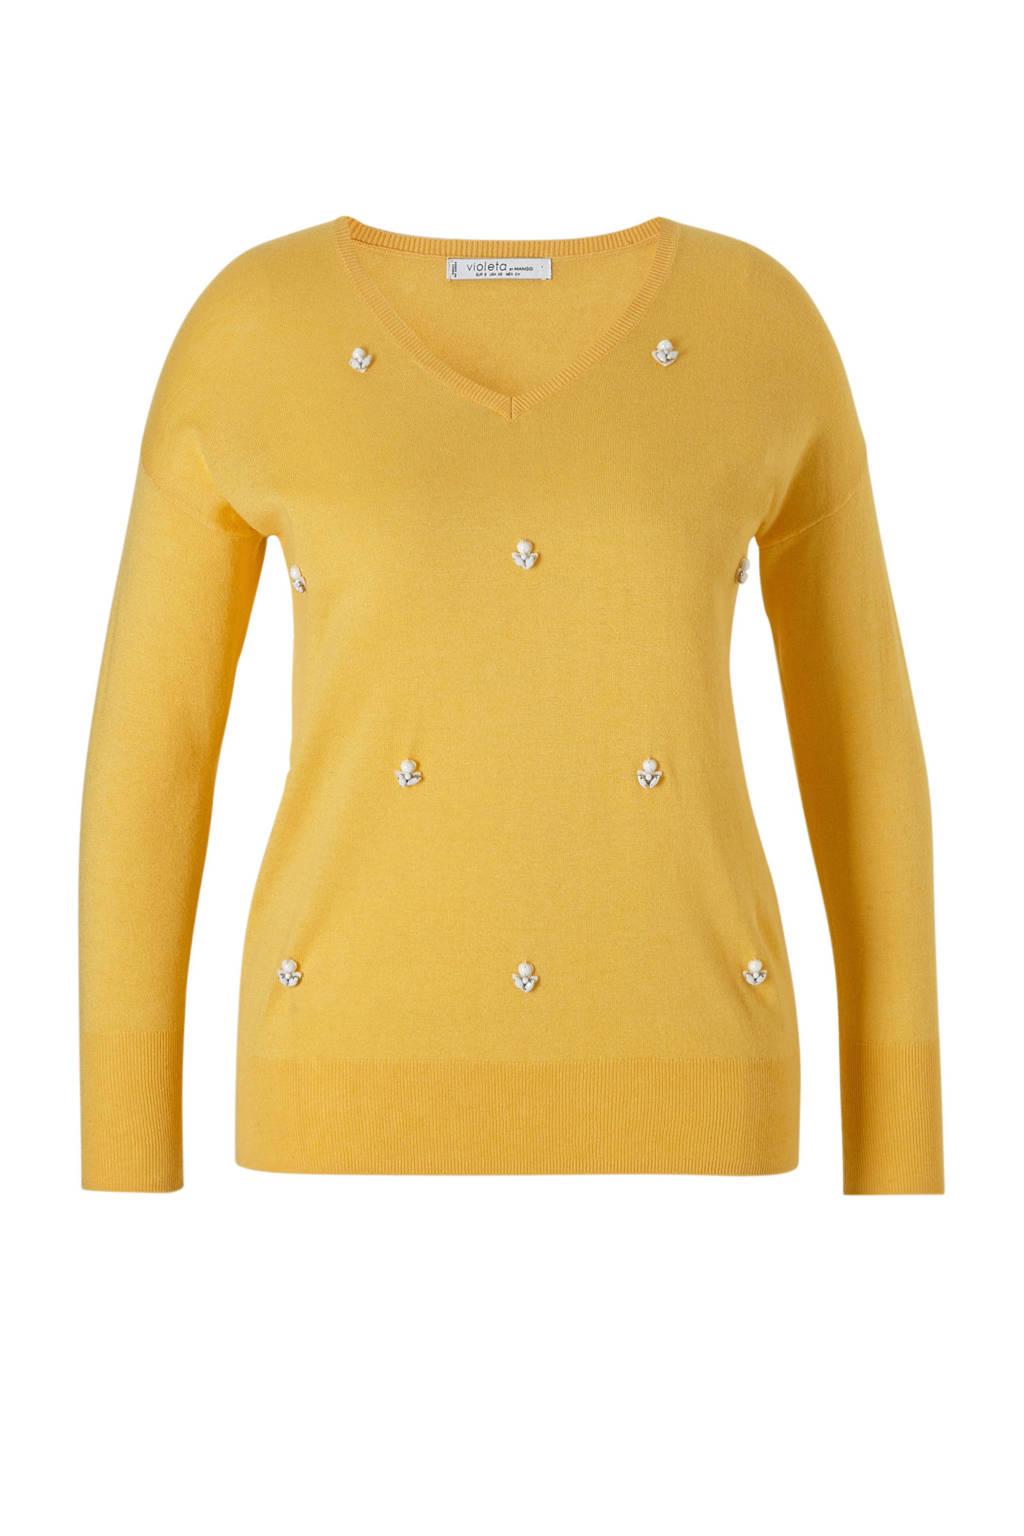 Violeta by Mango fijngebreide trui met kralen, Geel